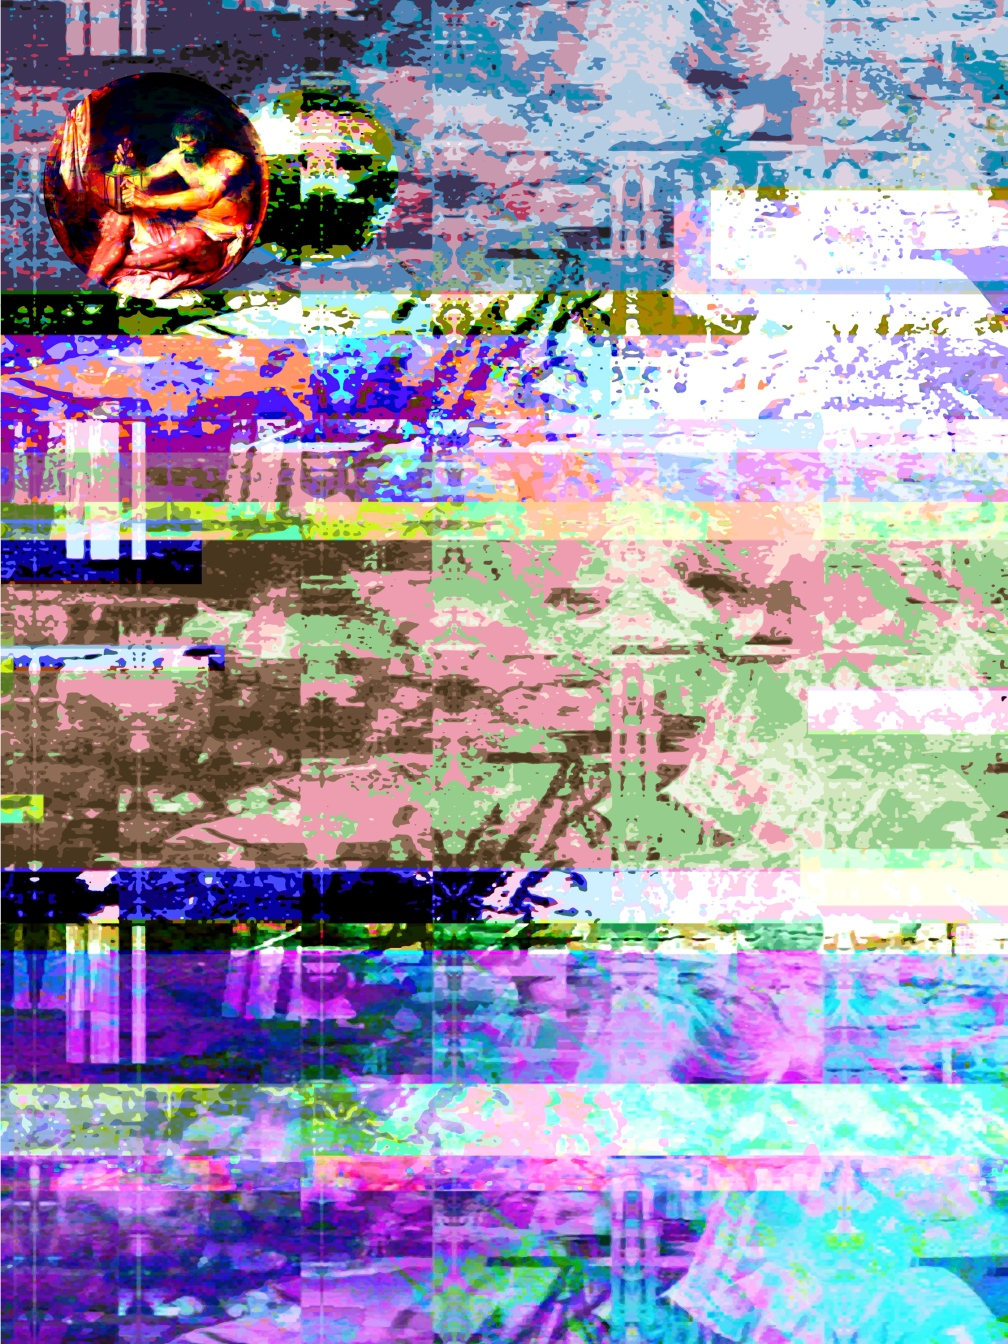 dd-qt-01-01-diog